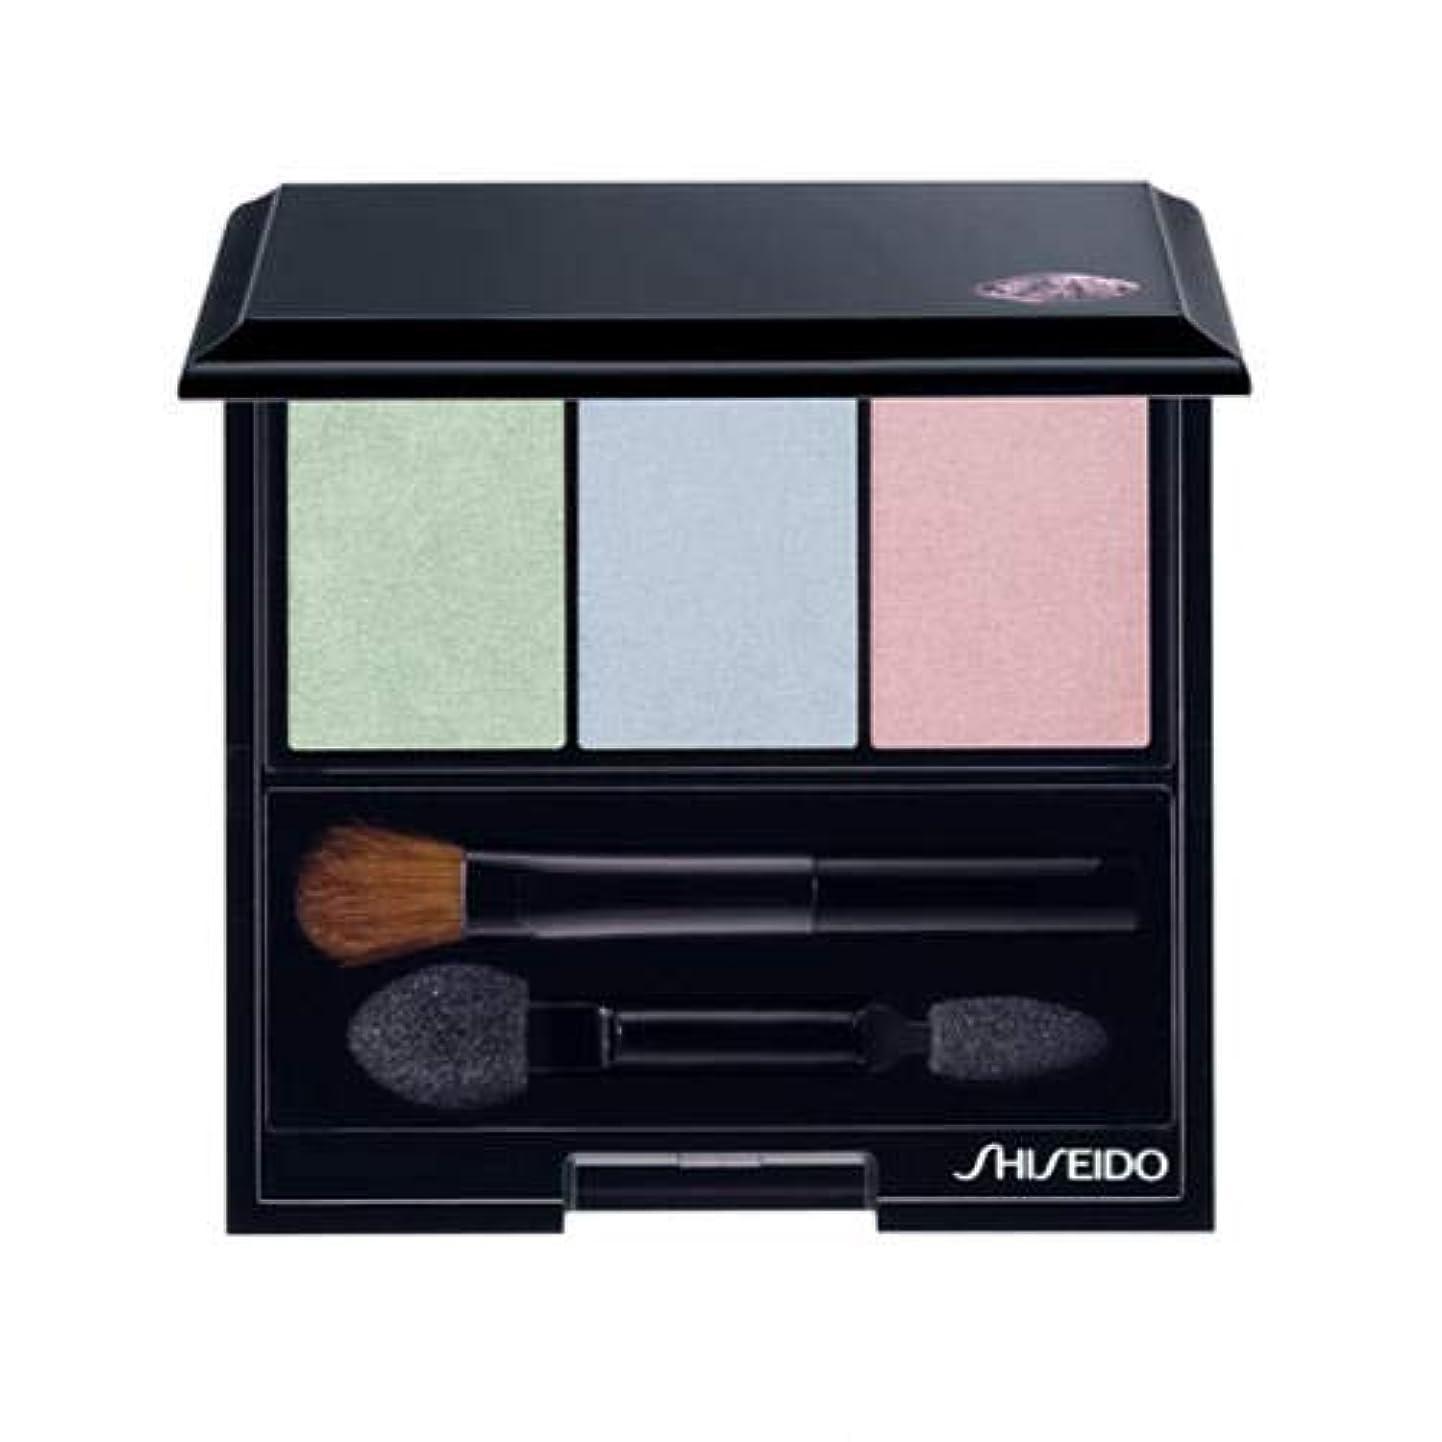 湿度材料陸軍資生堂 ルミナイジング サテン アイカラー トリオ BL215(Shiseido Luminizing Satin Eye Color Trio BL215) [並行輸入品]